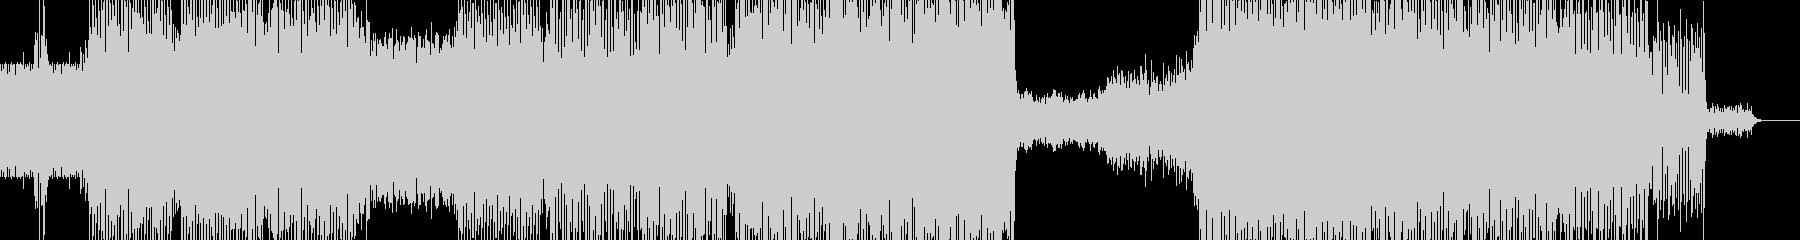 テコテコとシンセの音が心地よい映像やパ…の未再生の波形